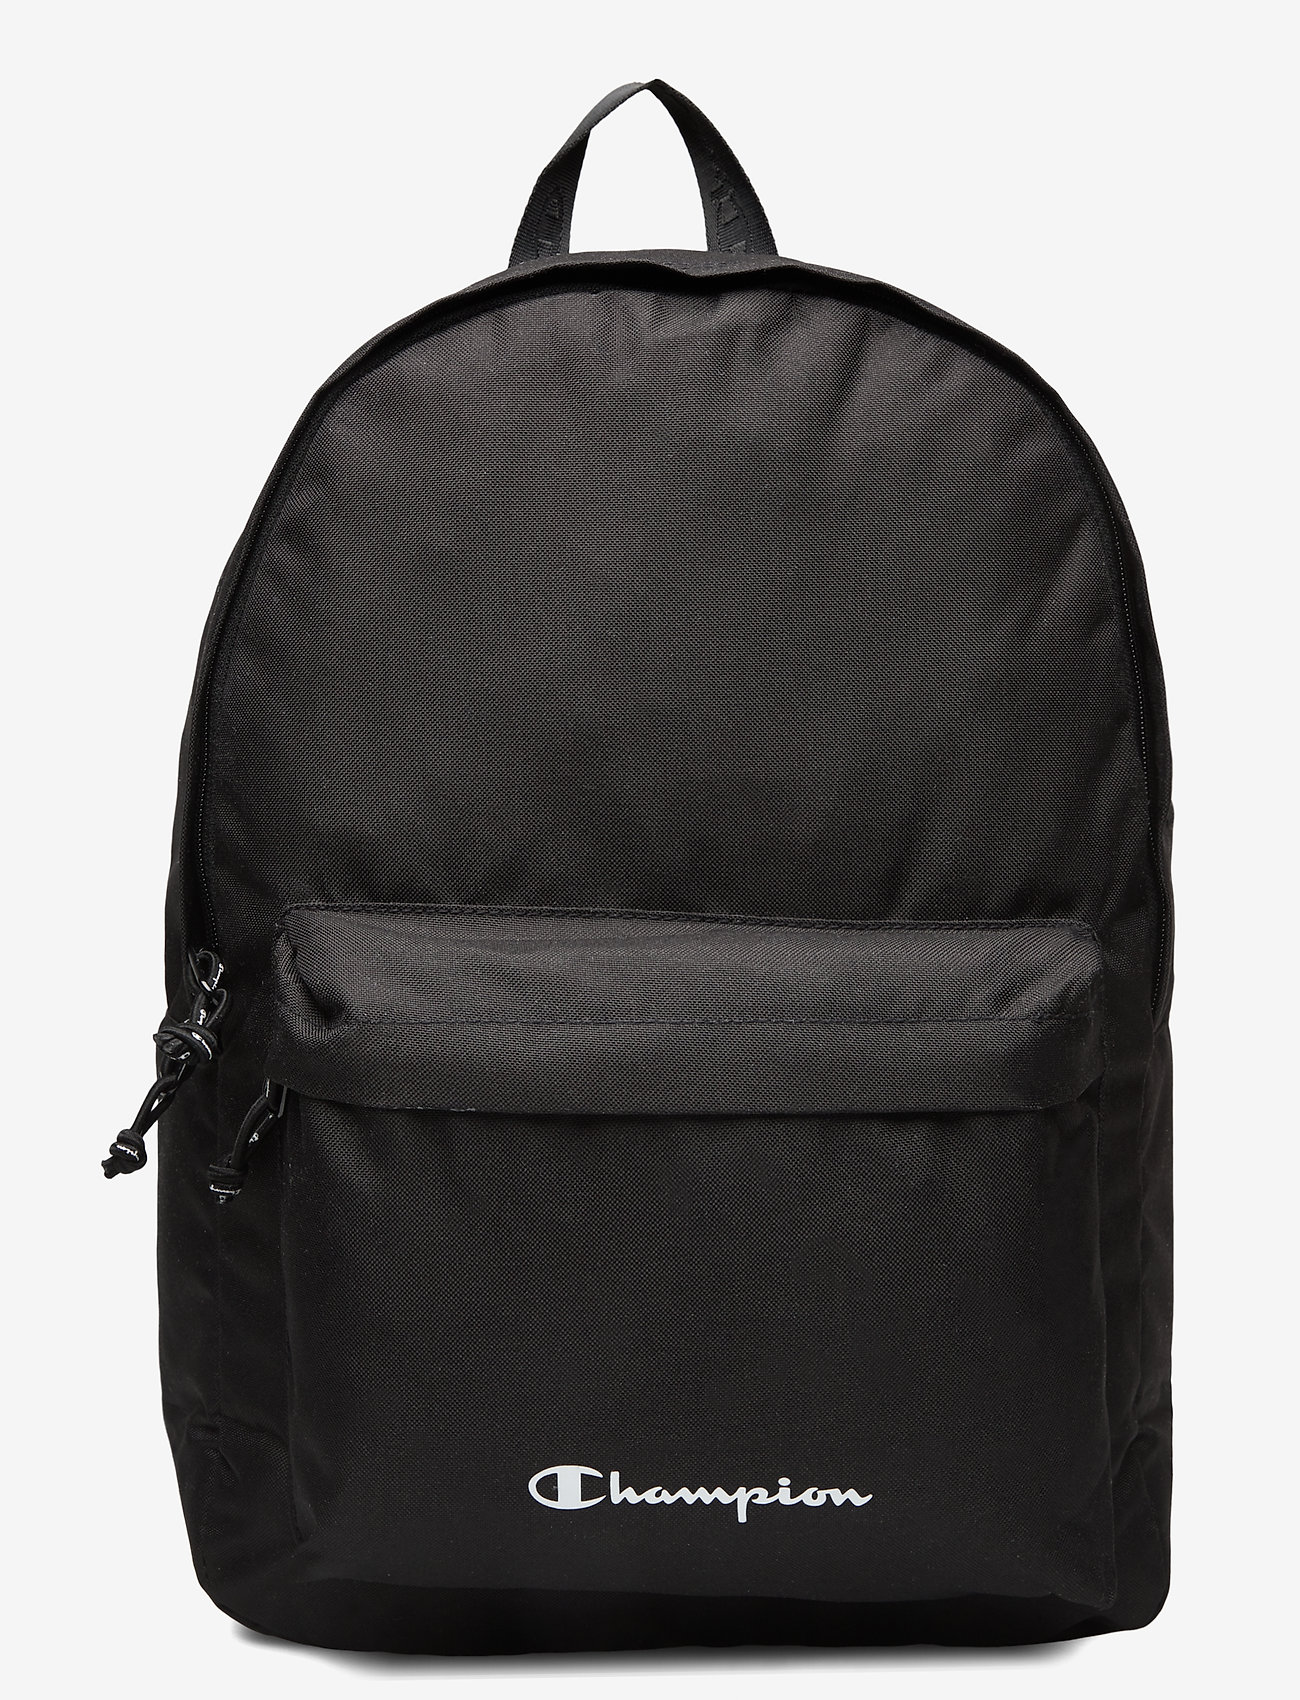 Champion - Backpack - trainingstassen - black beauty - 0